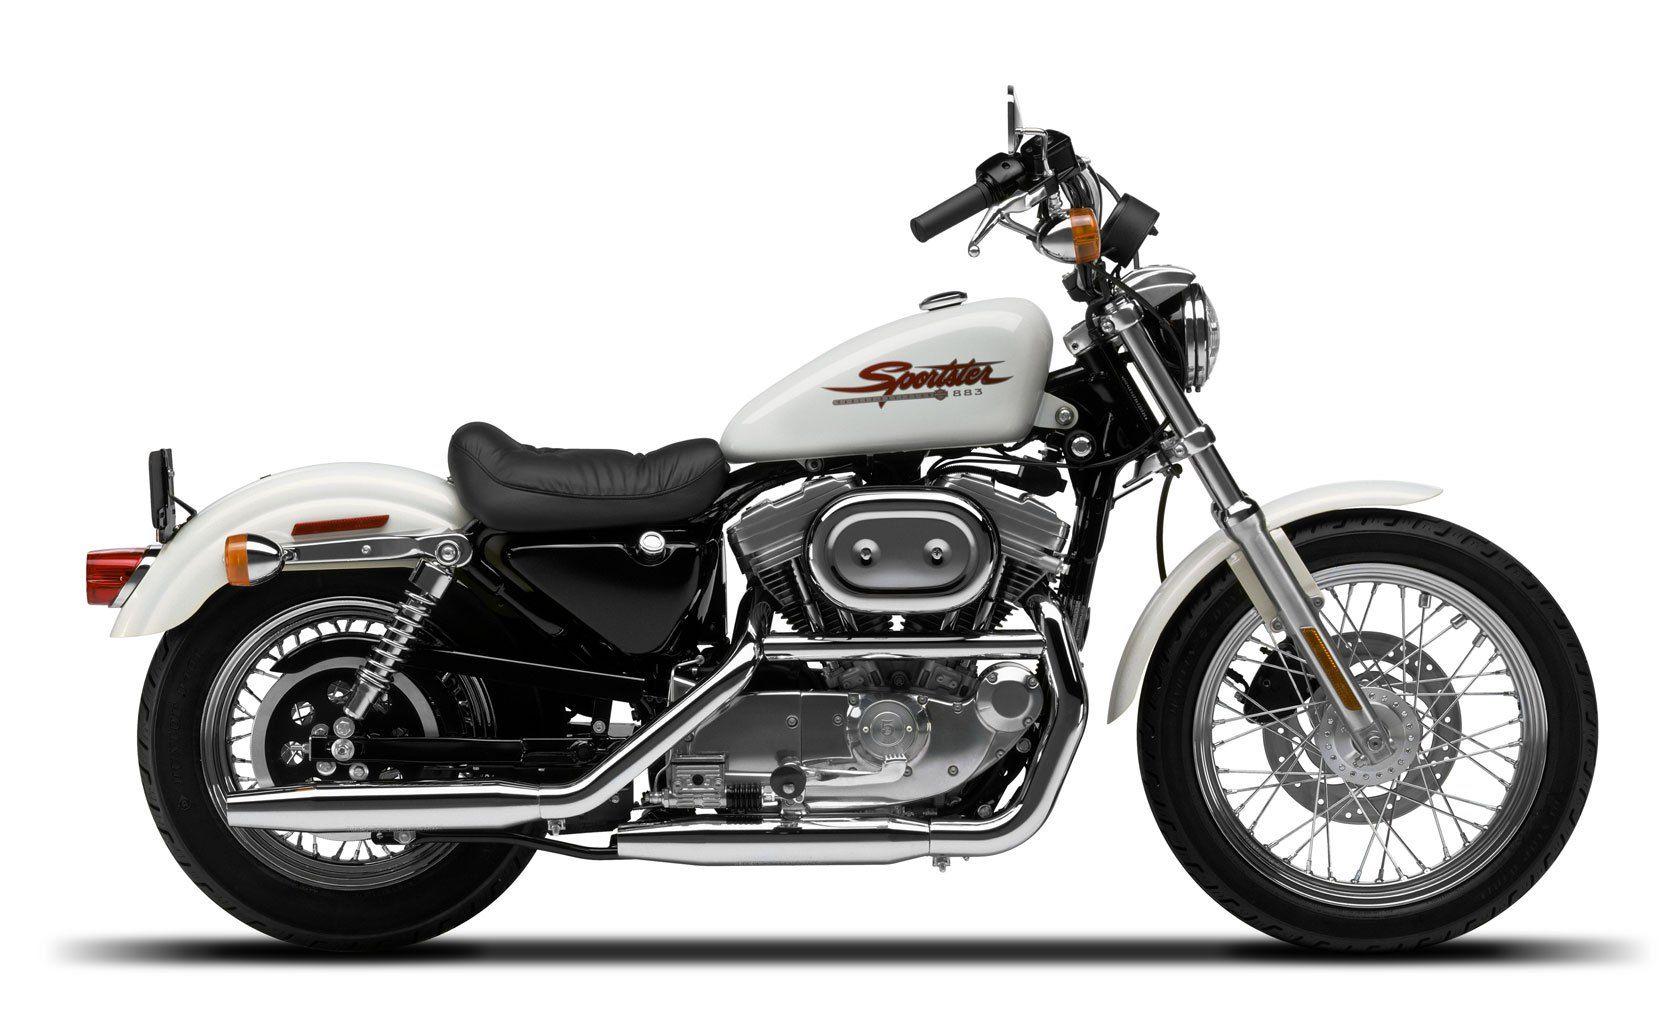 2001 Harley Davidson Xlh Sportster 883 Hugger Harley Davidson Sportster 883 Harley Davidson Sportster Harley Davidson